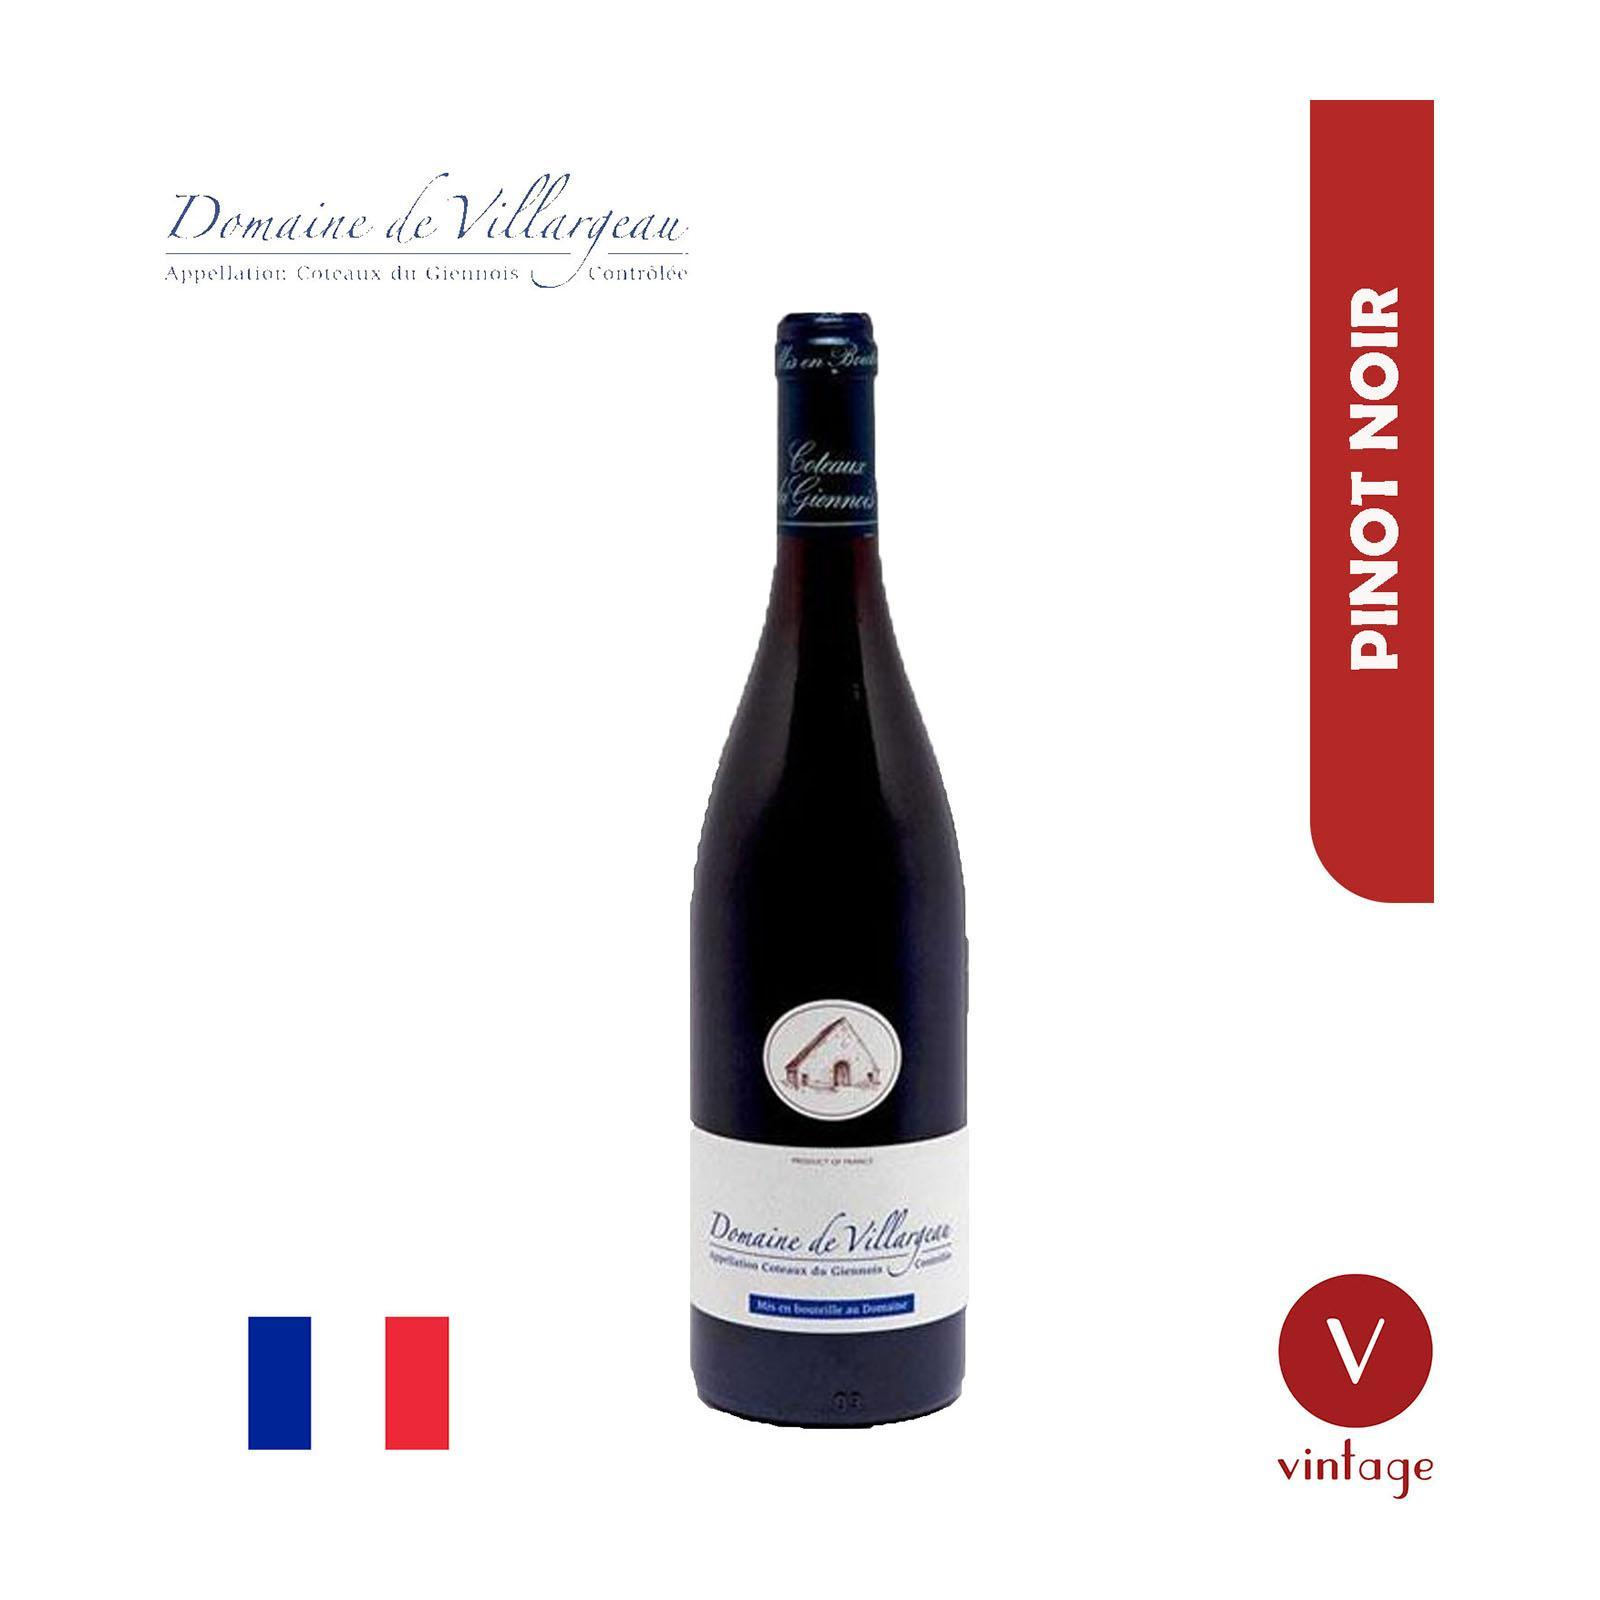 Domaine De Villargeau - Pinot Noir - By The Vintage Wine Club